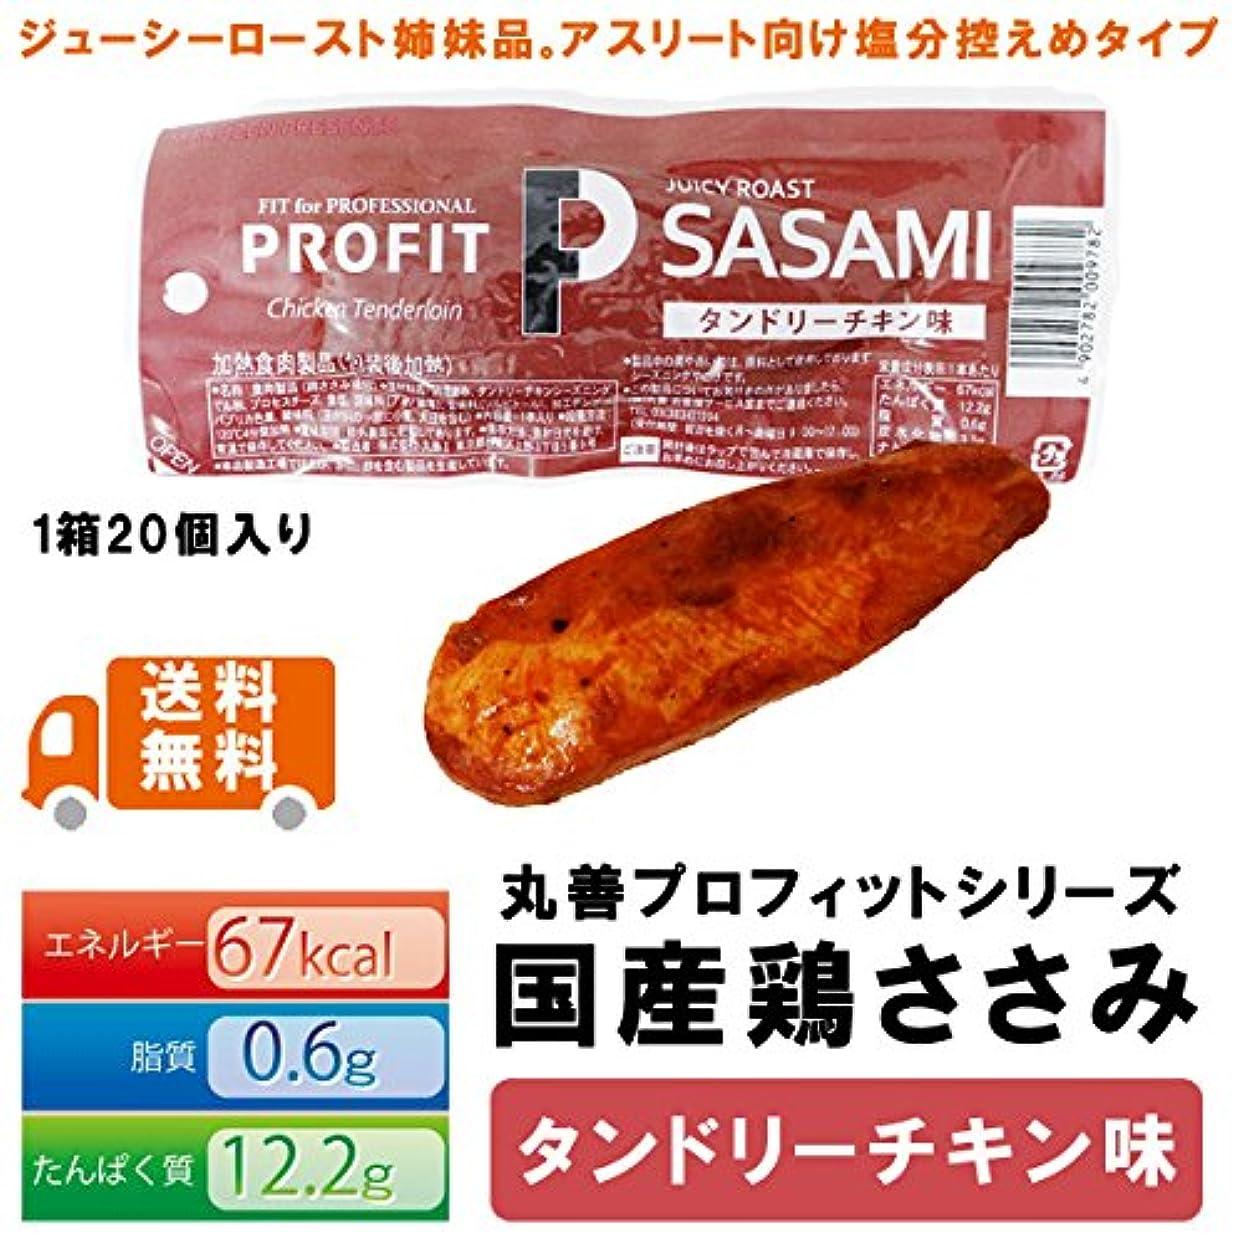 パノラマヘルシー石膏丸善 PRO-FIT プロフィットささみ 鶏ささみ タンドリーチキン味 1箱20本入り